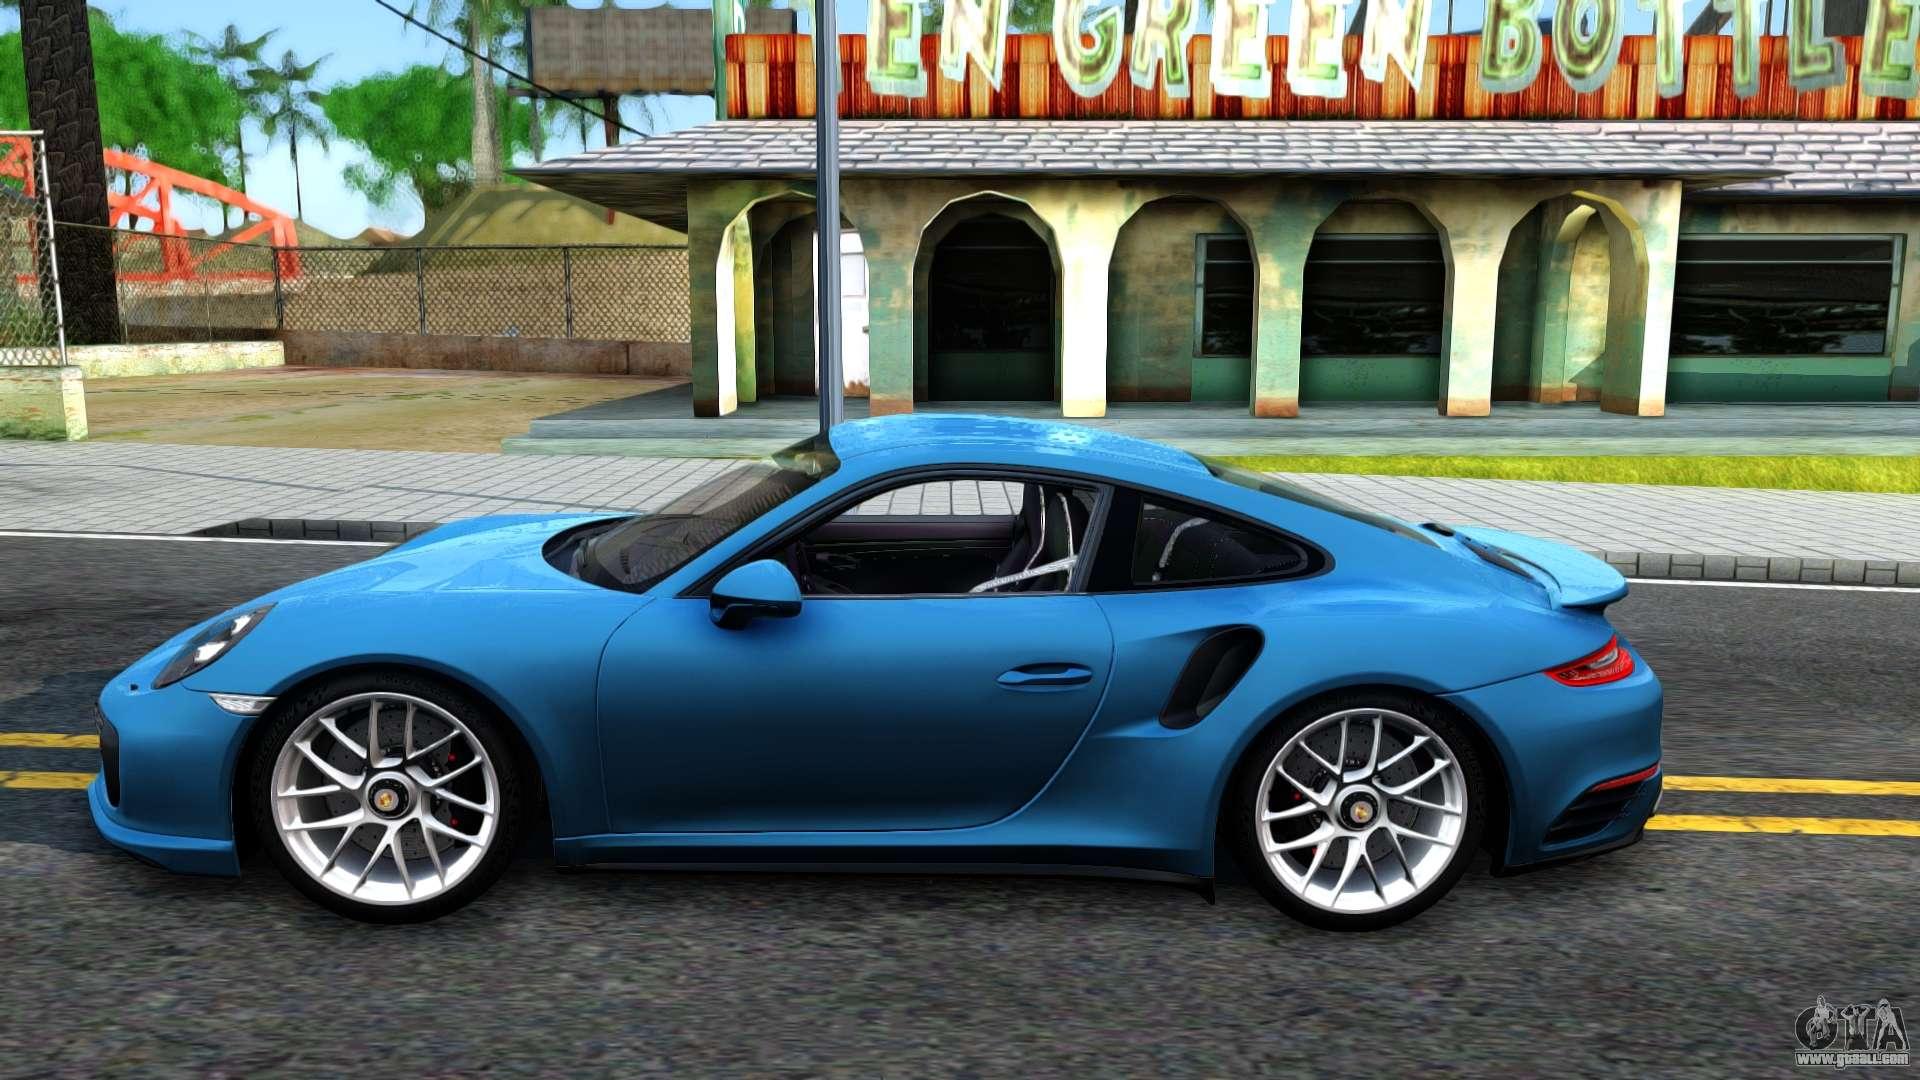 394515-enb-2017-04-09-02-27-00-94 Remarkable Porsche 911 Gt2 Xbox 360 Cars Trend